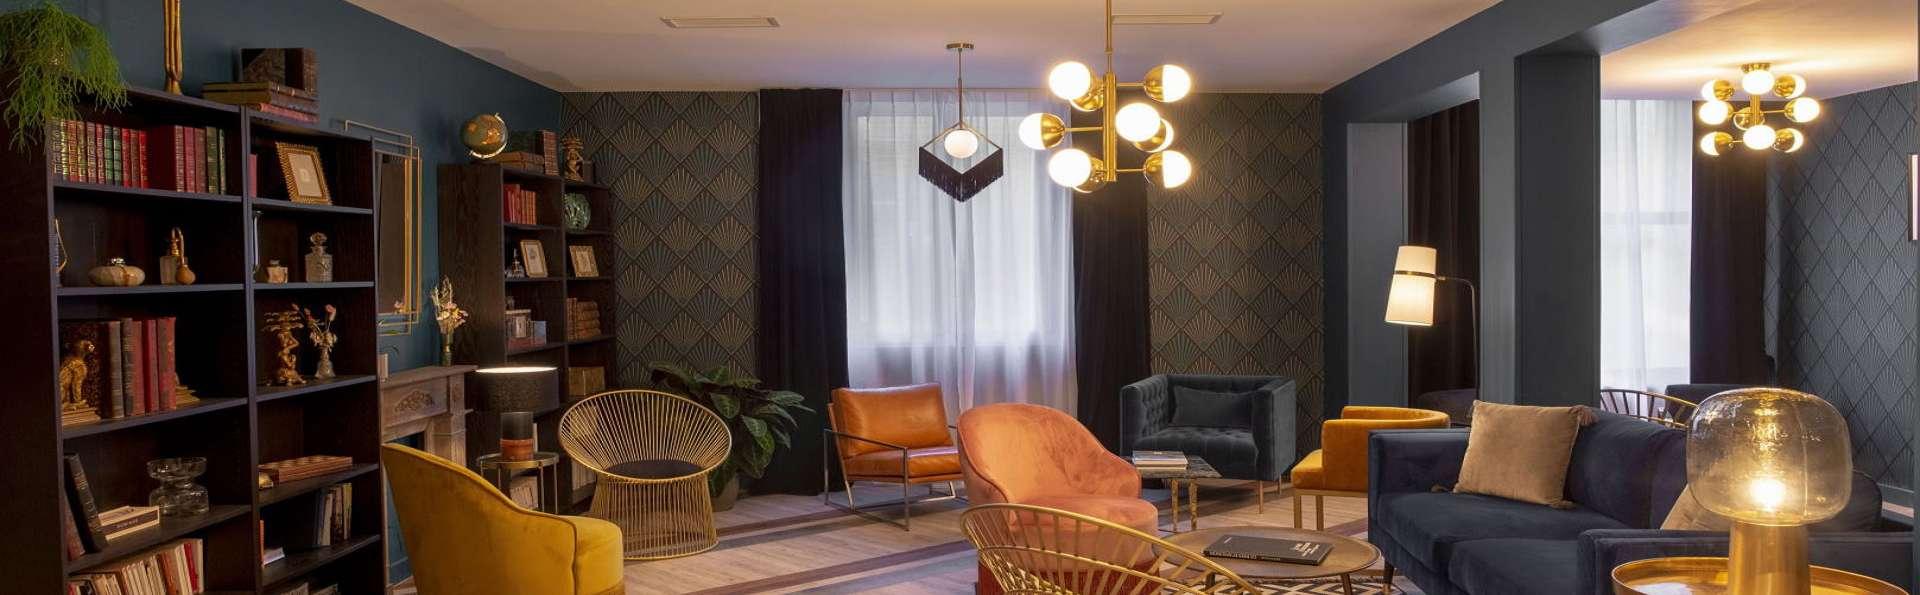 Hôtel Bristol - commun_6_retouchee.jpg